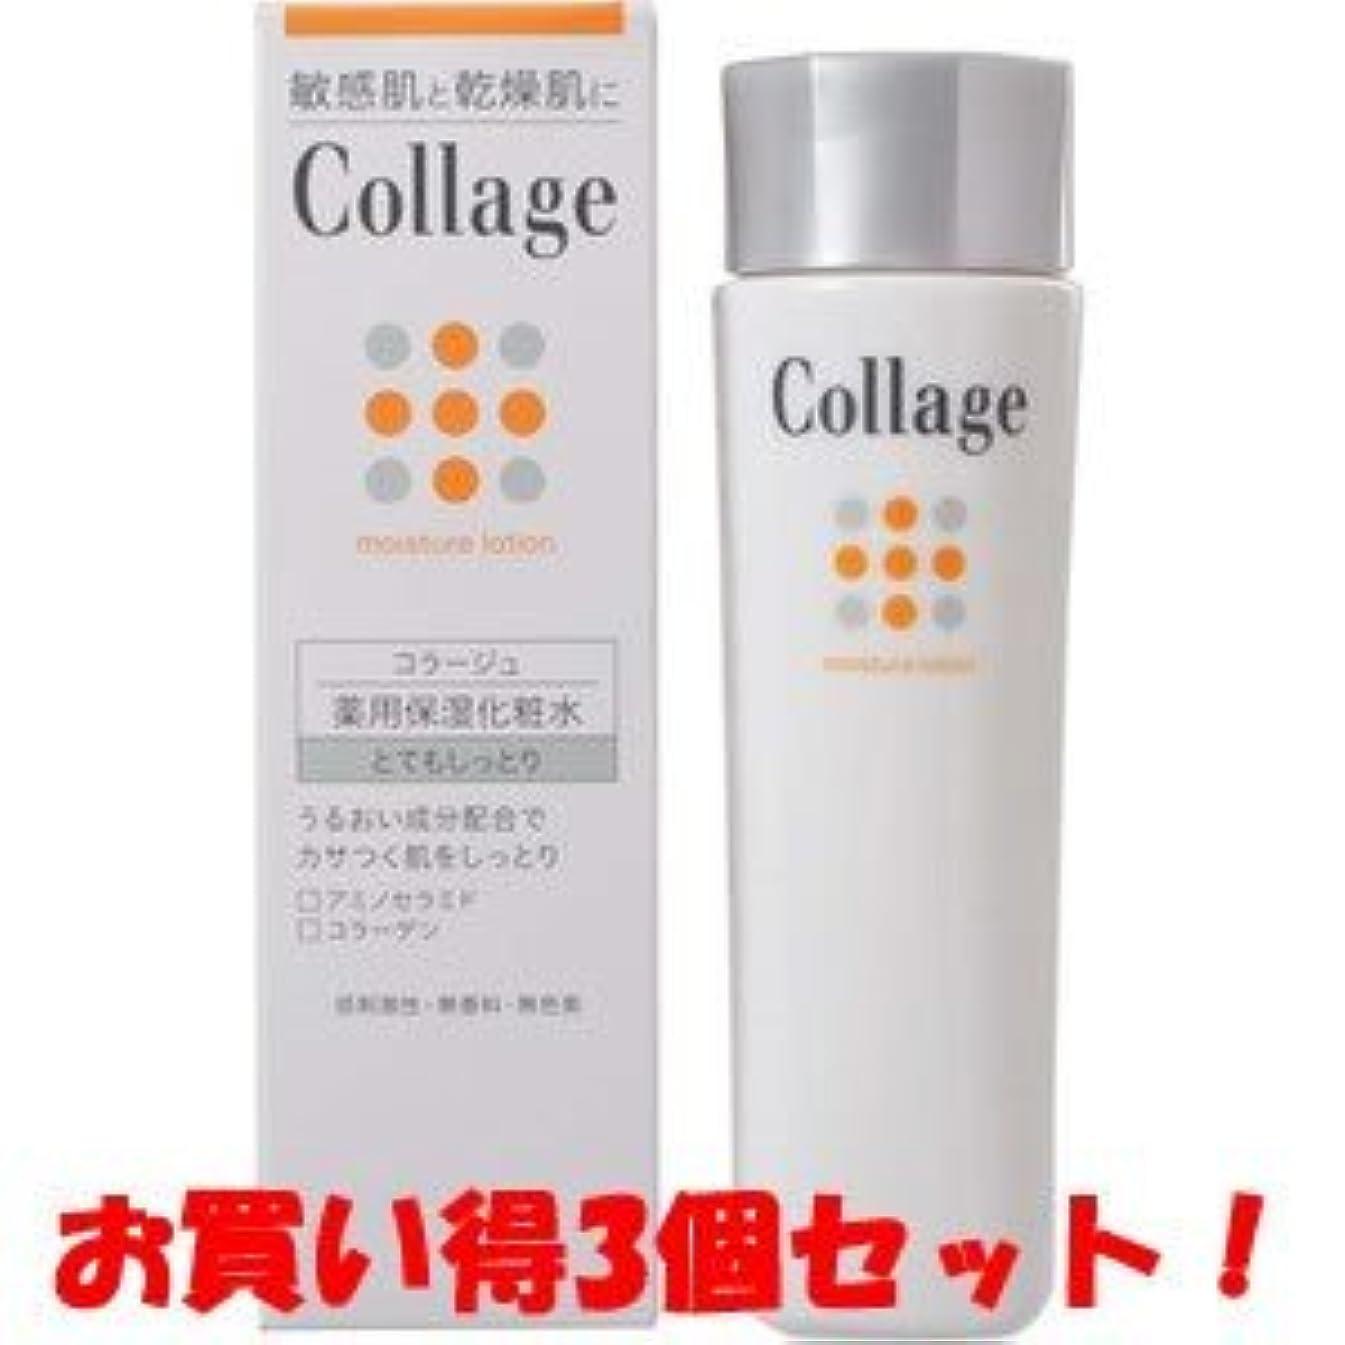 紳士記事資金(持田ヘルスケア)コラージュ 薬用保湿化粧水 とてもしっとり 120ml(医薬部外品)(お買い得3個セット)